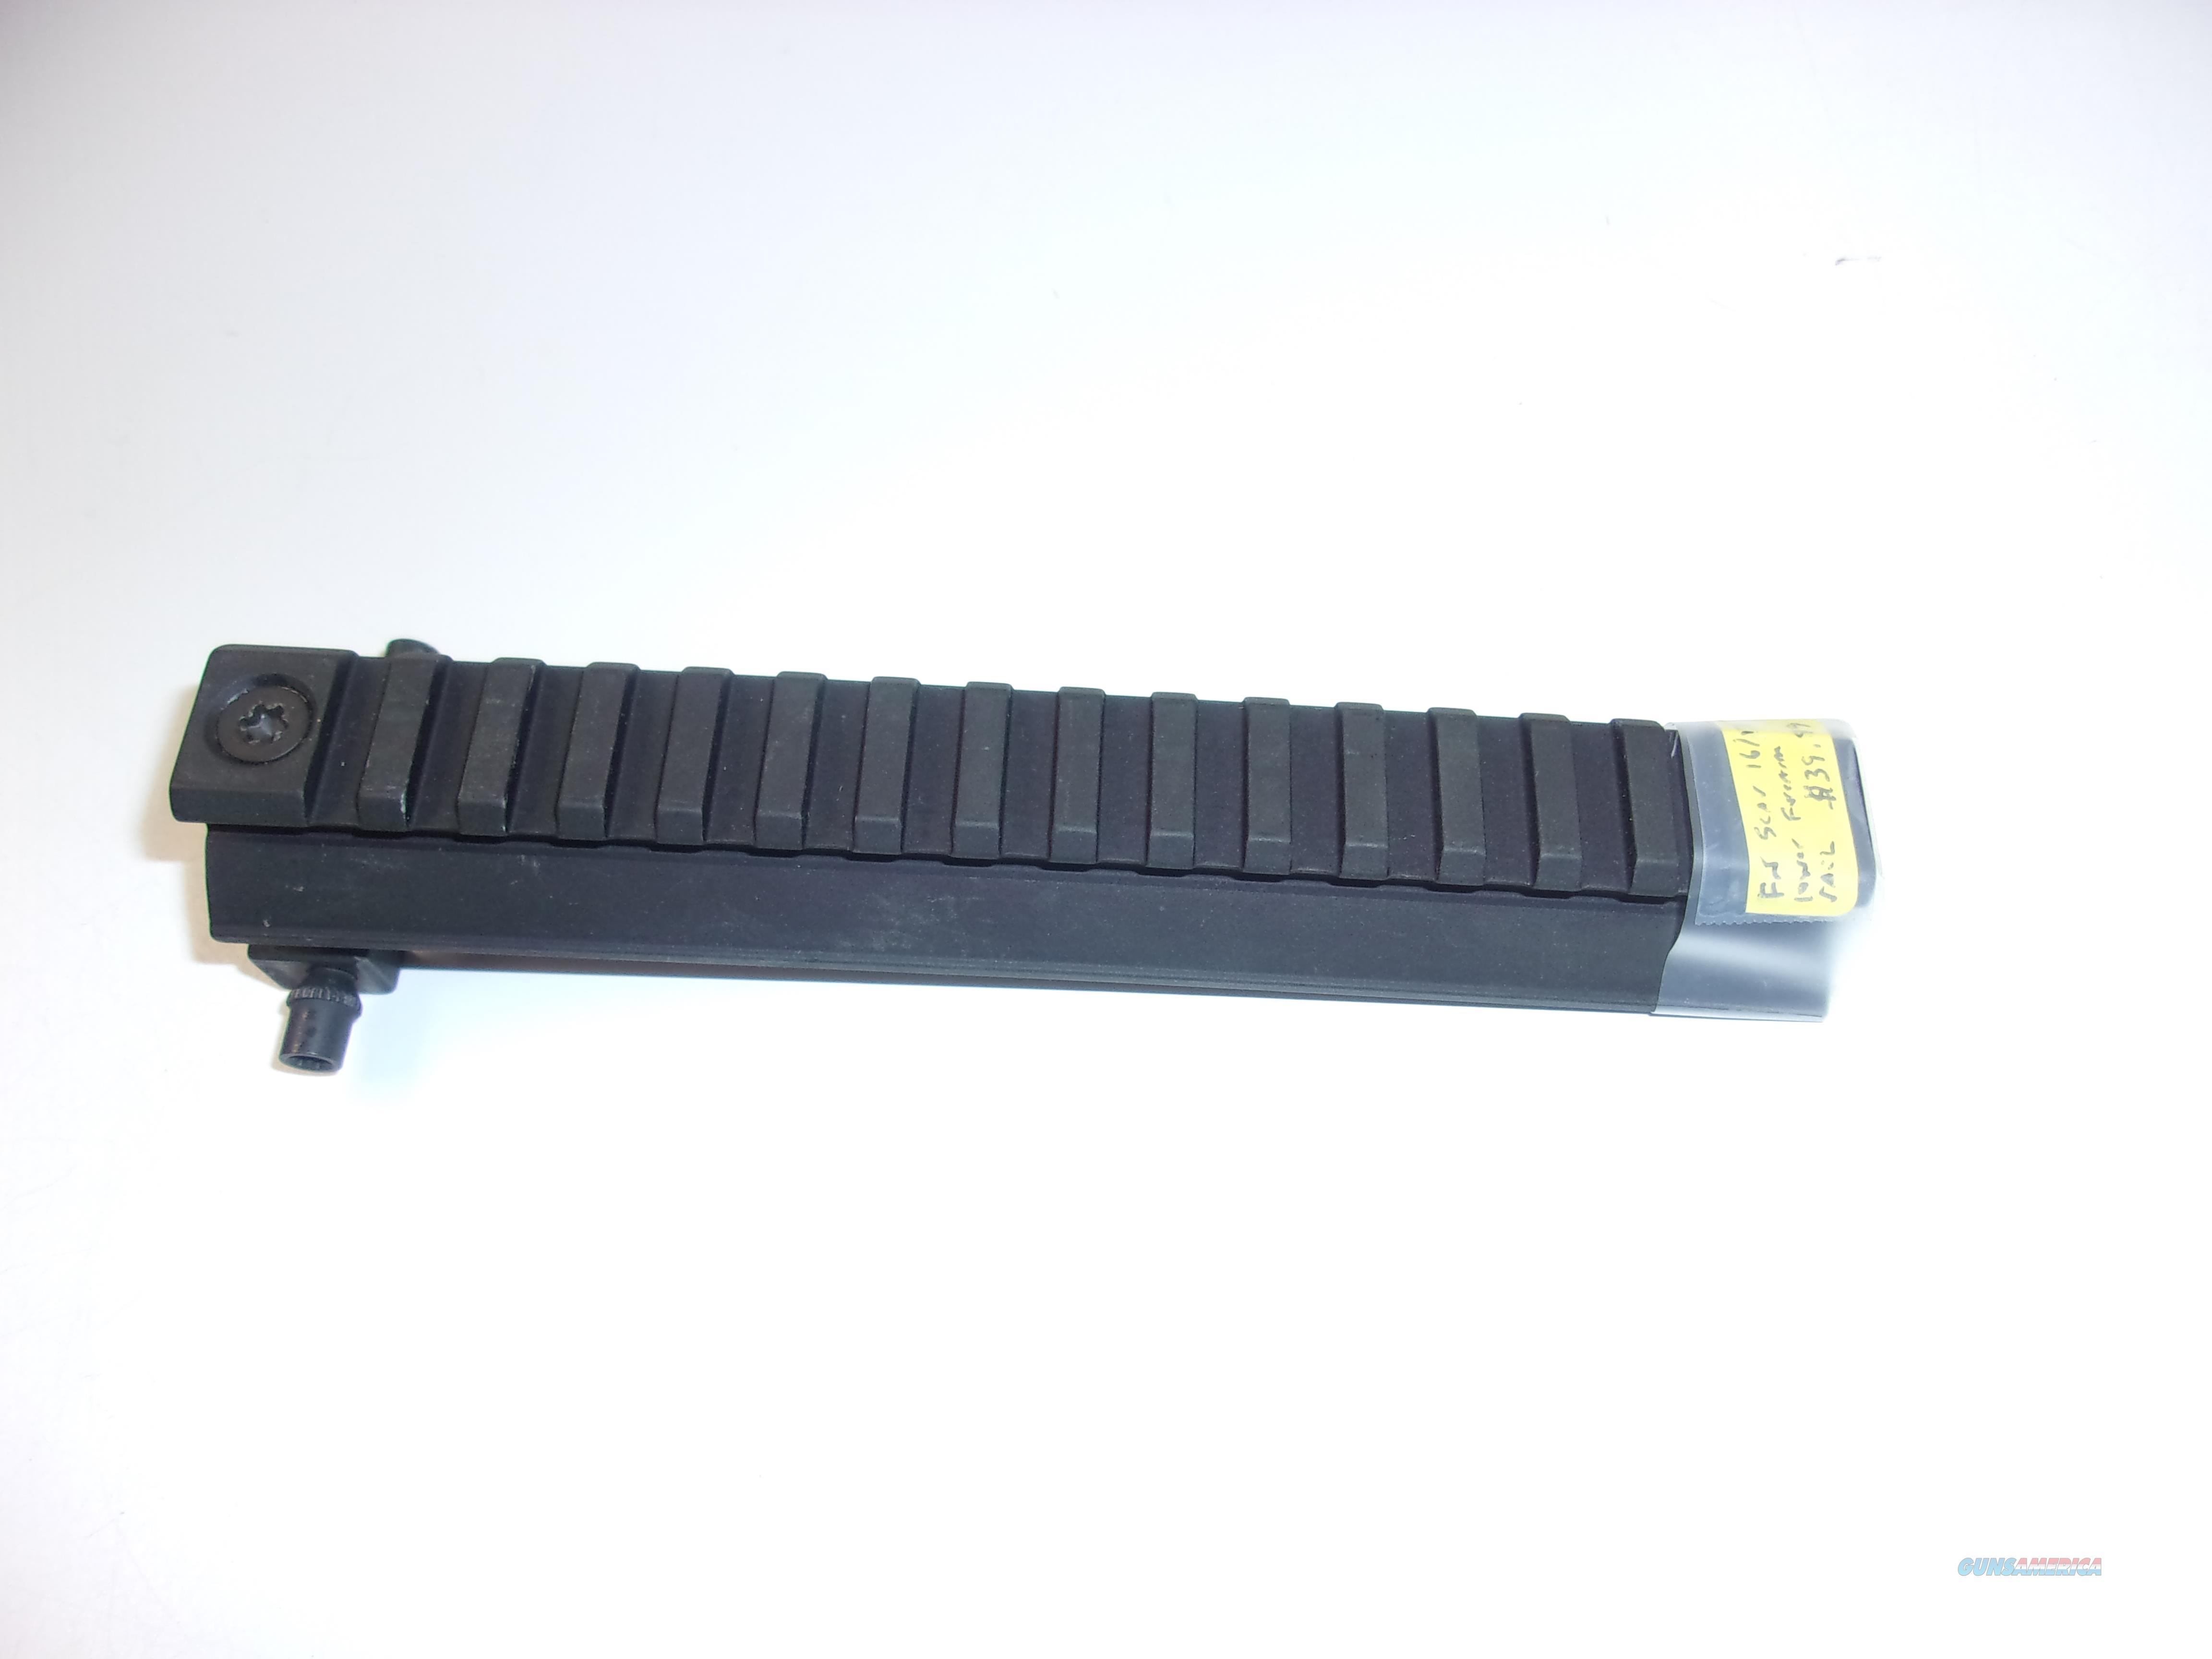 FN SCAR 16/17 Lower Forearm Rail  Non-Guns > Gun Parts > Tactical Rails (Non-AR)